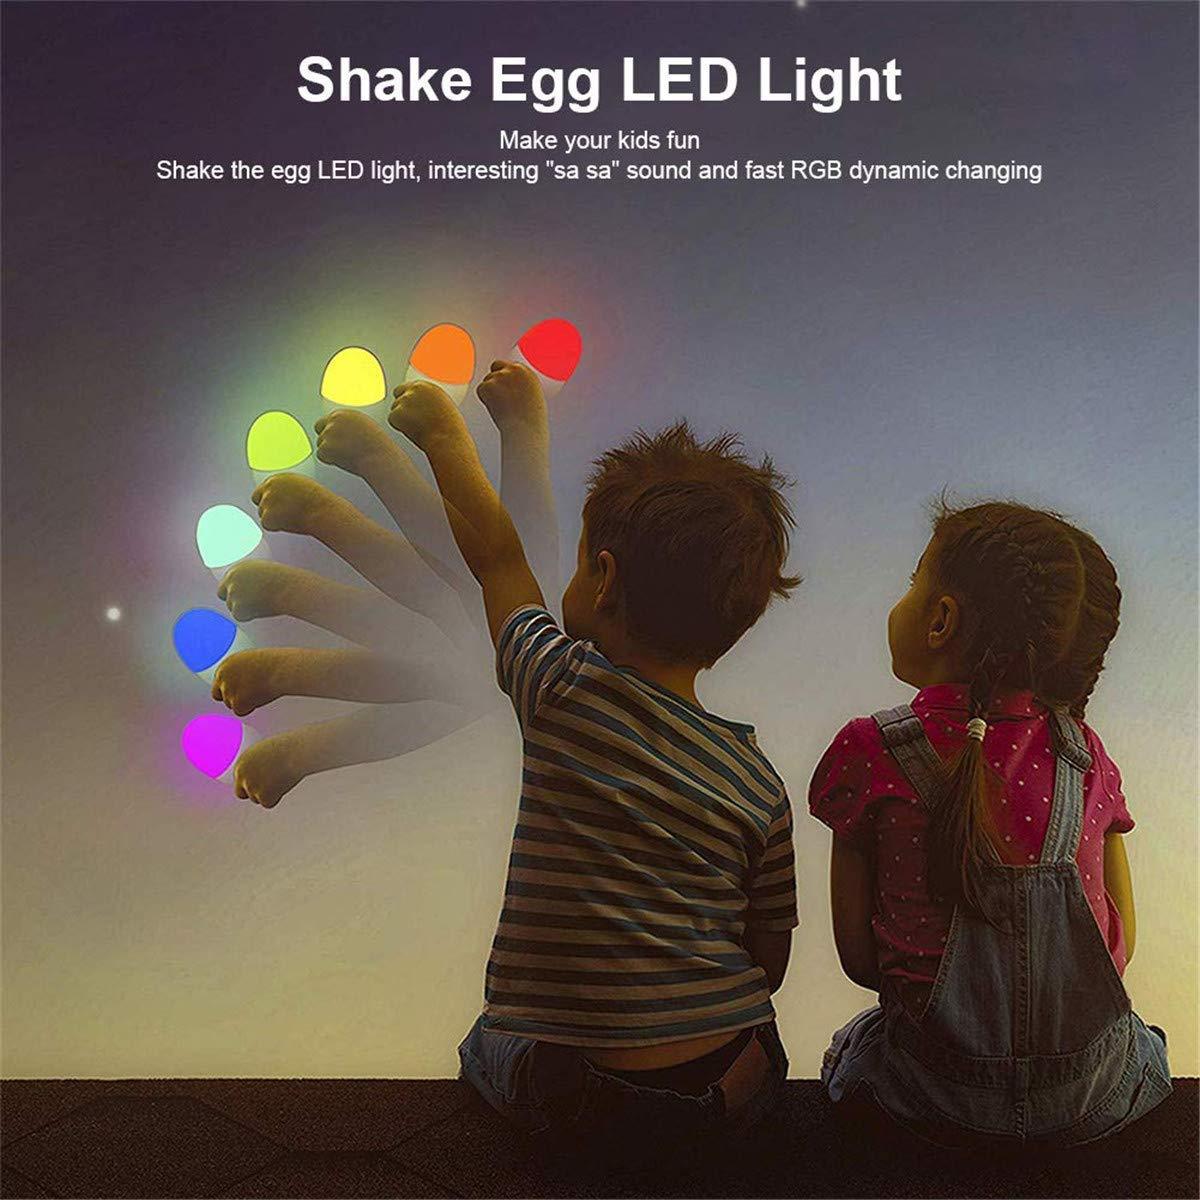 Veilleuse Enfant, Lampe de Chevet Rechargeable, Veilleuse Bébé LED, Contrôle Tactile, Rotation à 360 °, Support Amovible, 7 Changement de Couleur, 3 Luminosité Ajustables Douce pour des Yeux Tikitaka